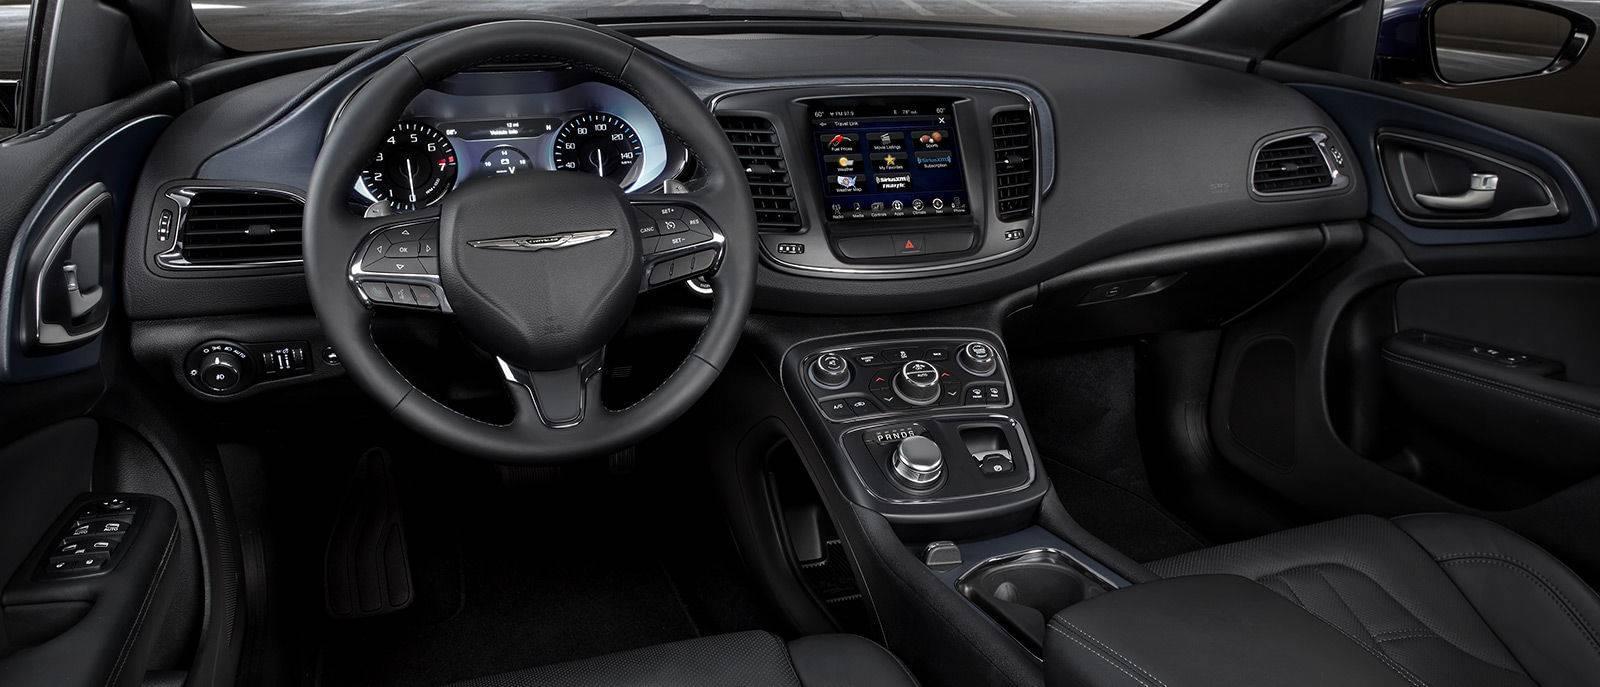 2016 Chrysler 200 Black Leather Interior